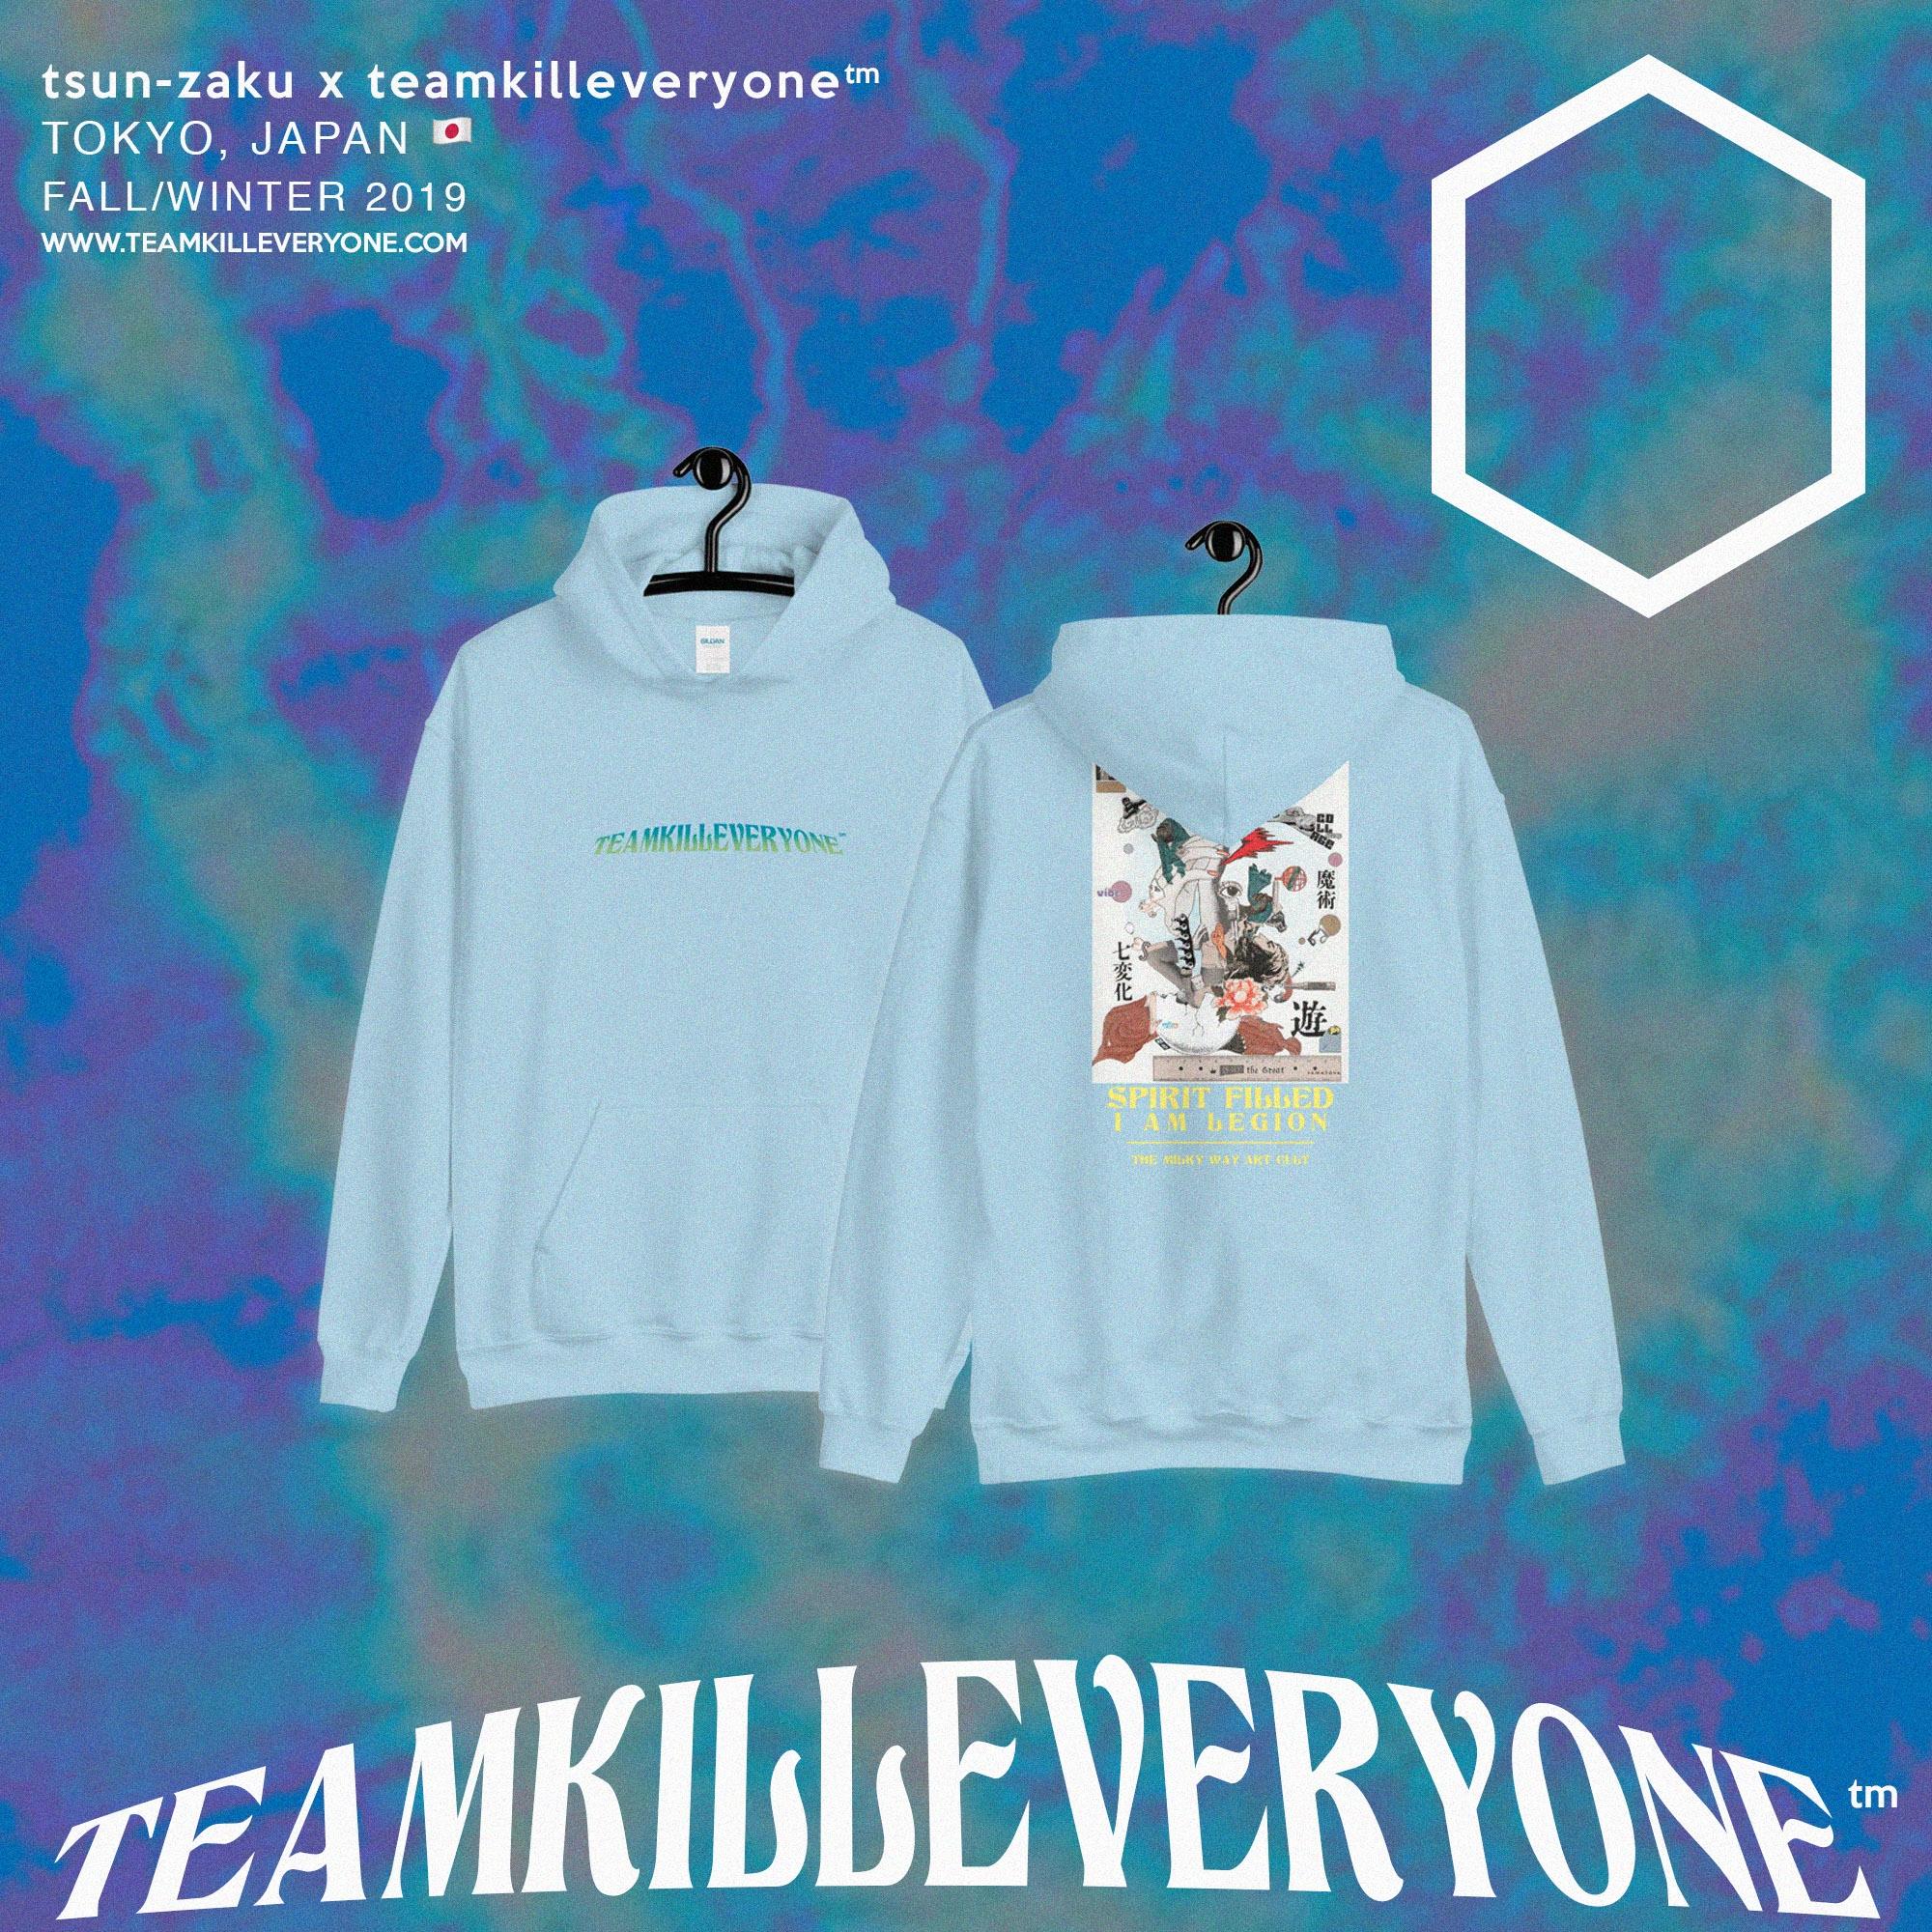 TEAMKILLEVERYONE fall/winter 20 - teamkilleveryone | ello